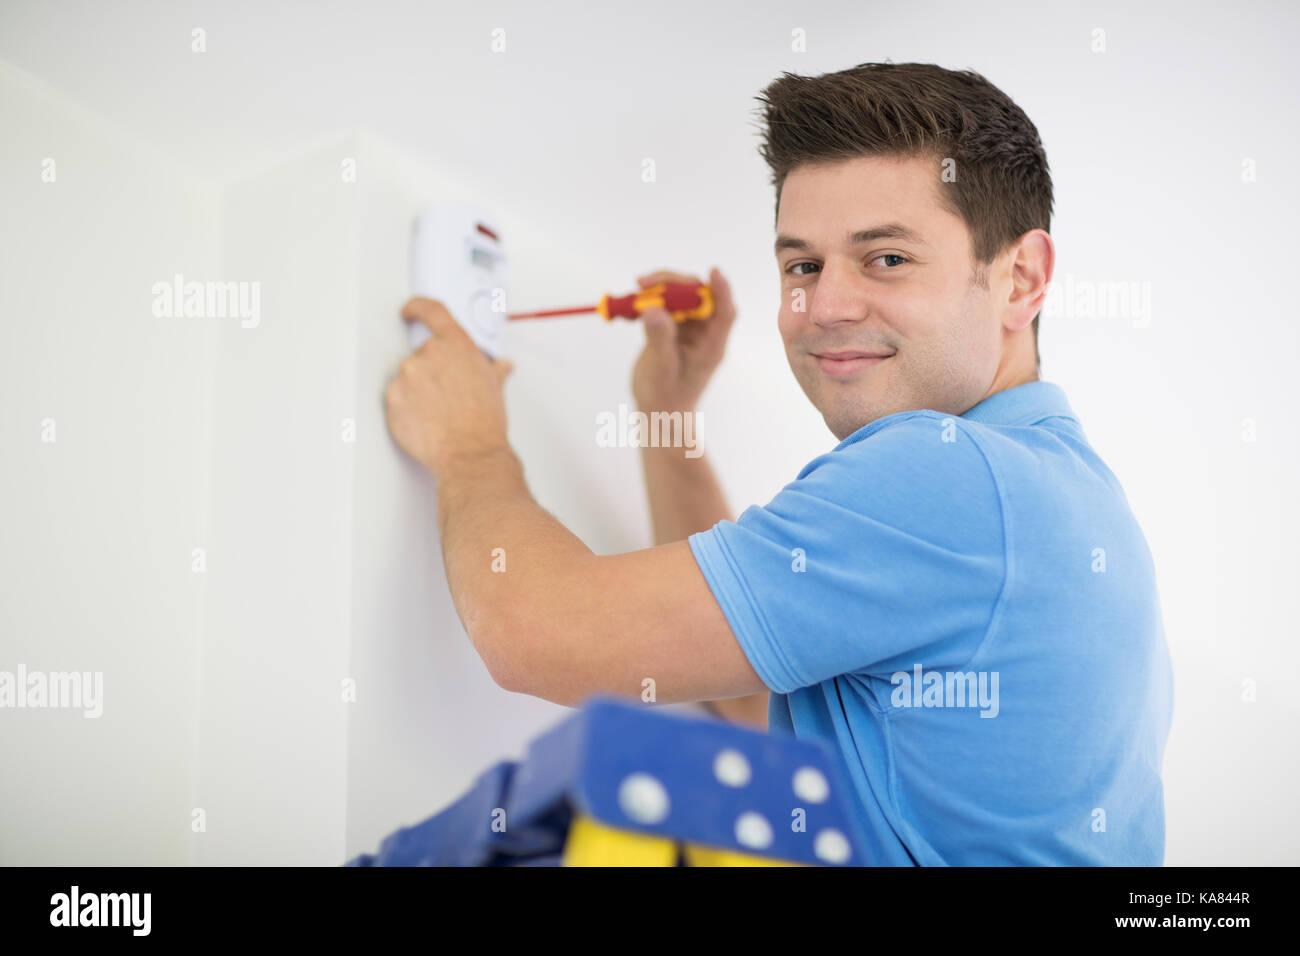 Security Consultant Fitting Burglar Alarm Sensor In Room - Stock Image